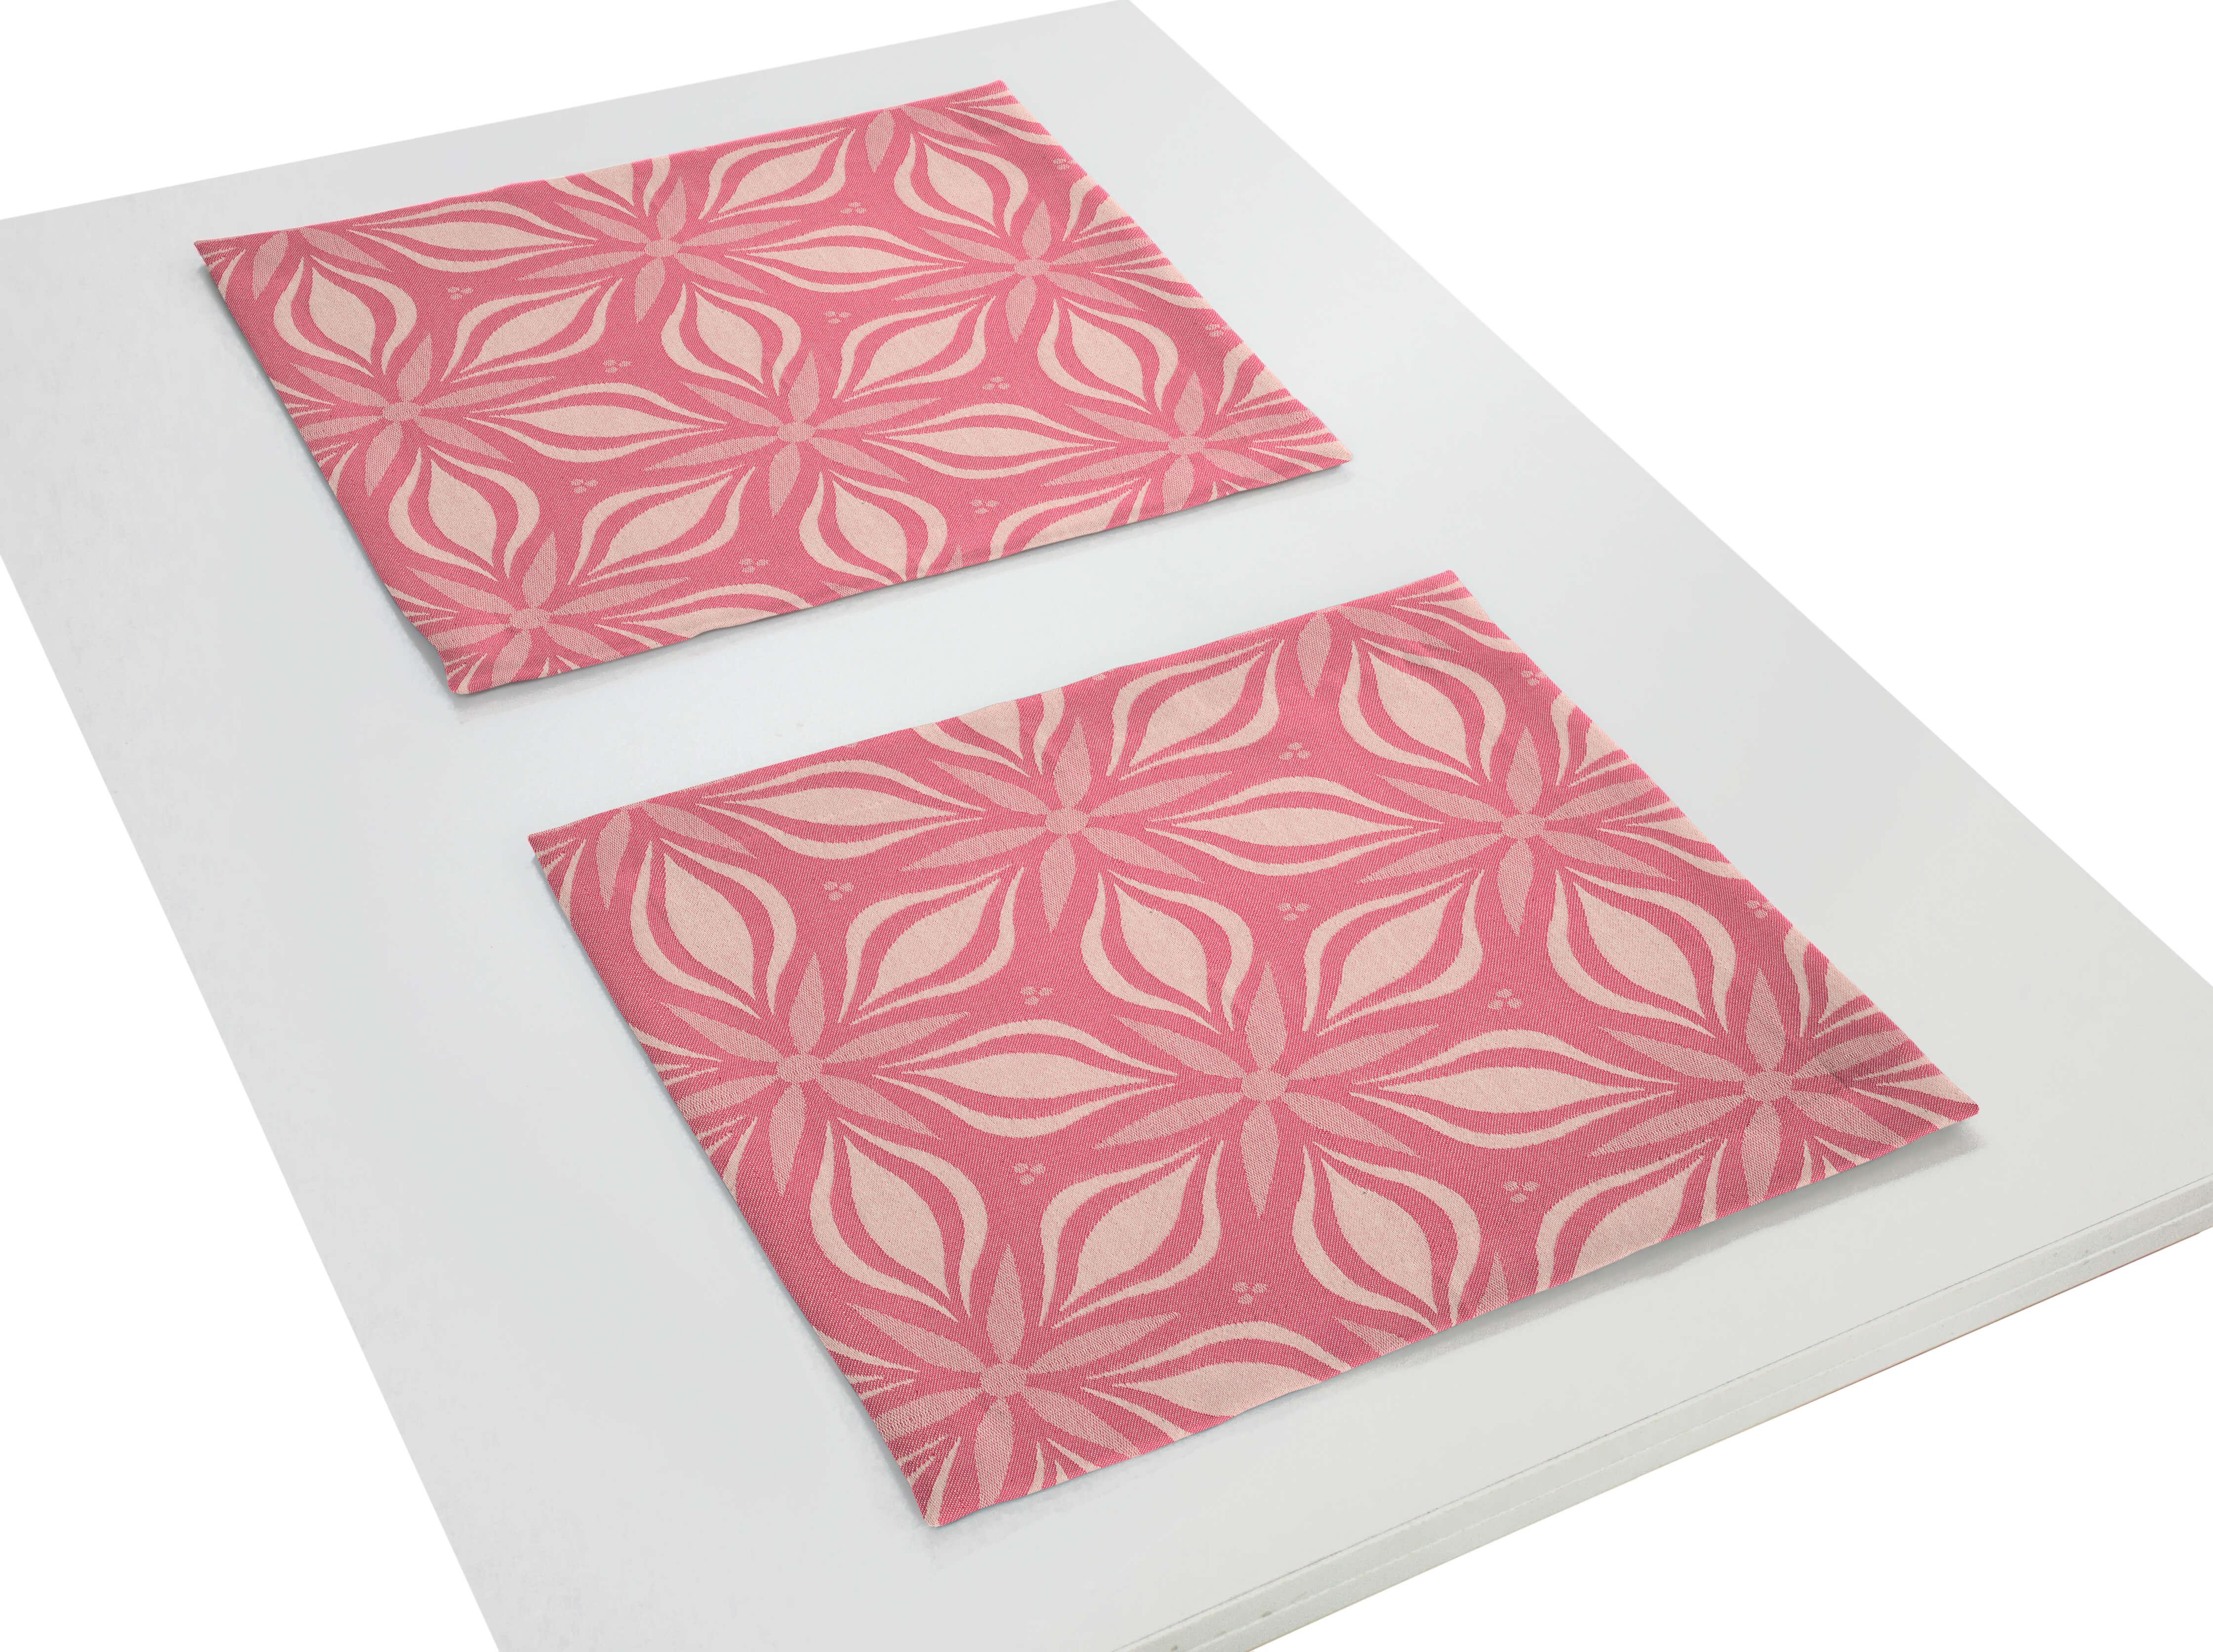 Retro Floret (Tischset)